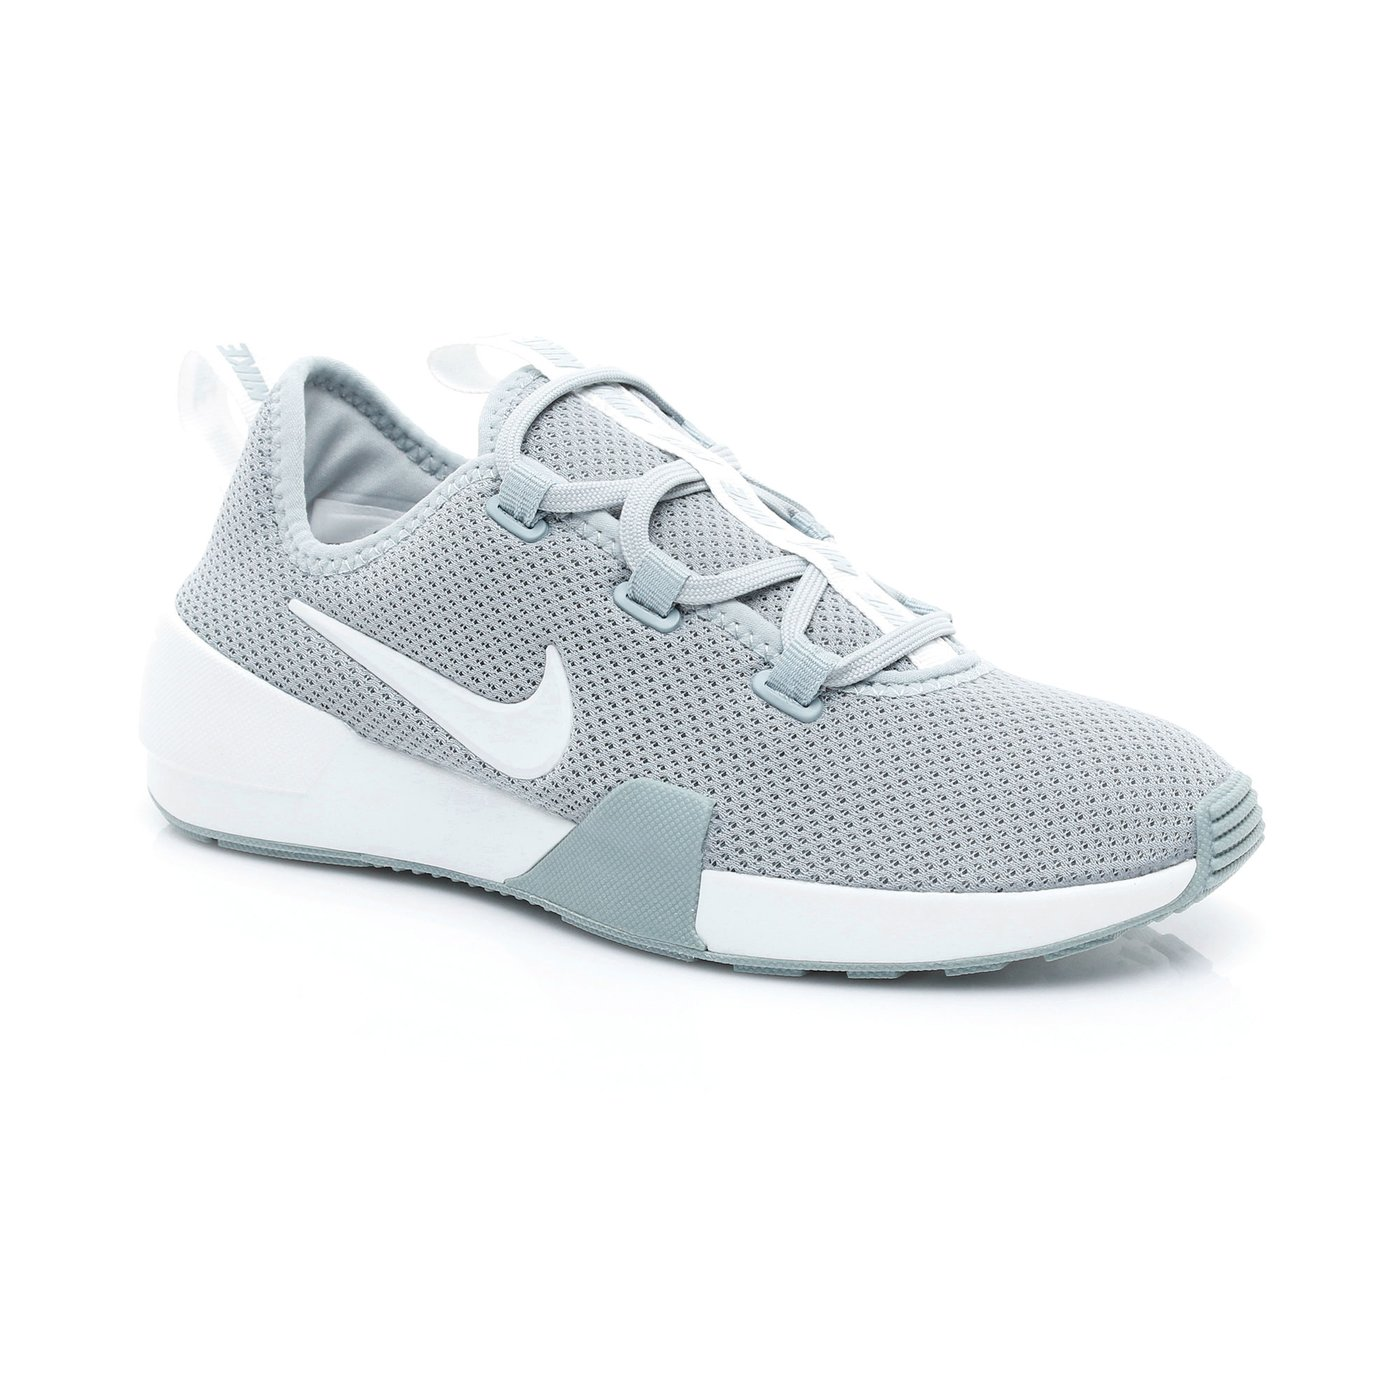 Nike Ashin Modern Kadın Gri Spor Ayakkabı